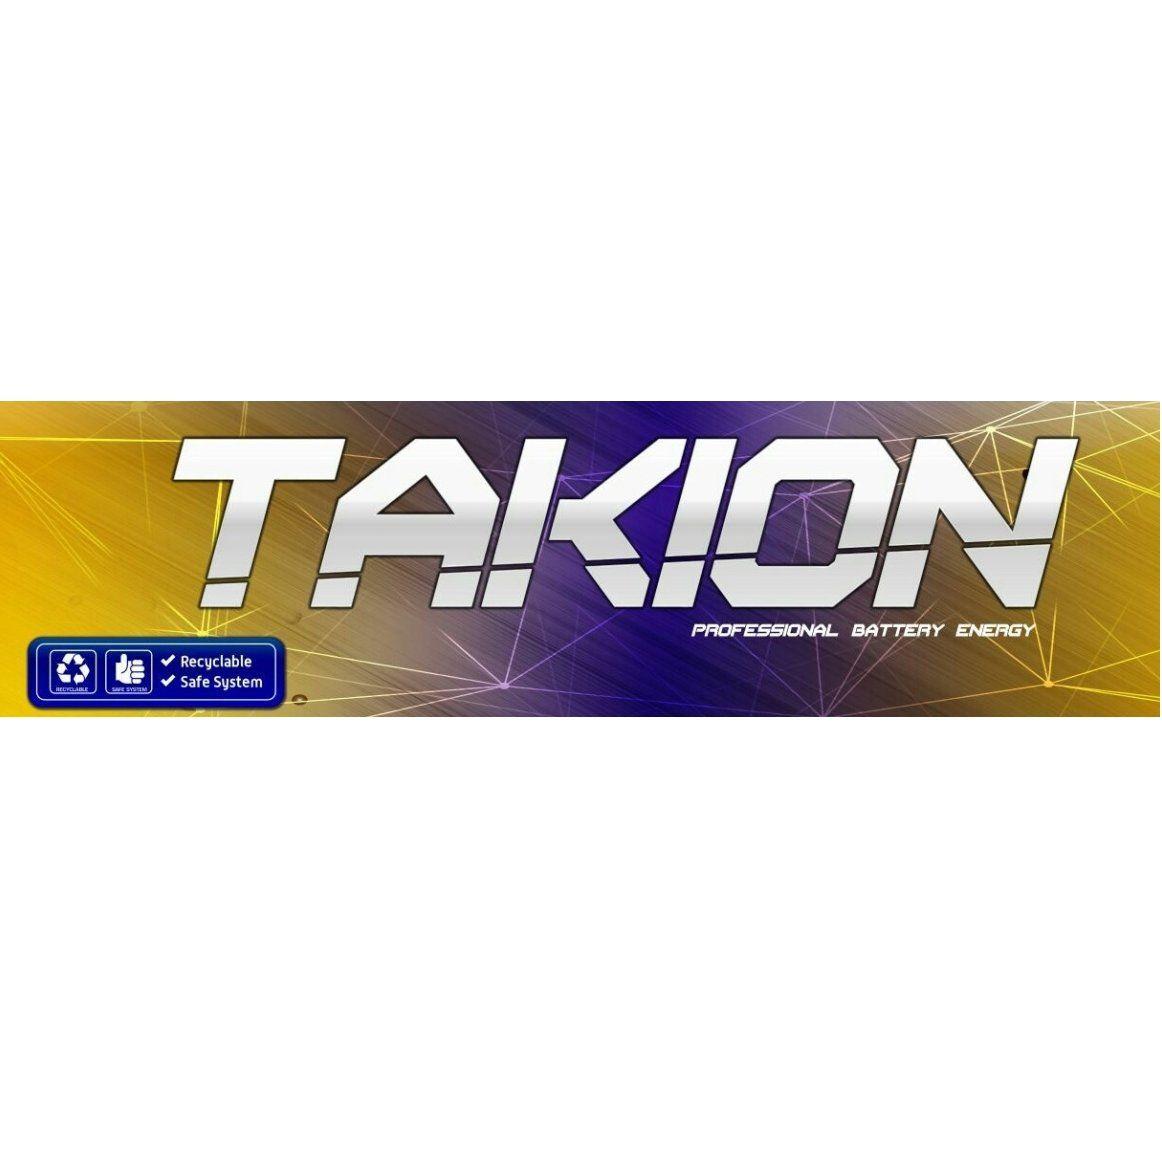 Coche - Takion Energy 95: Venta de baterías de Baterías para Vehículos